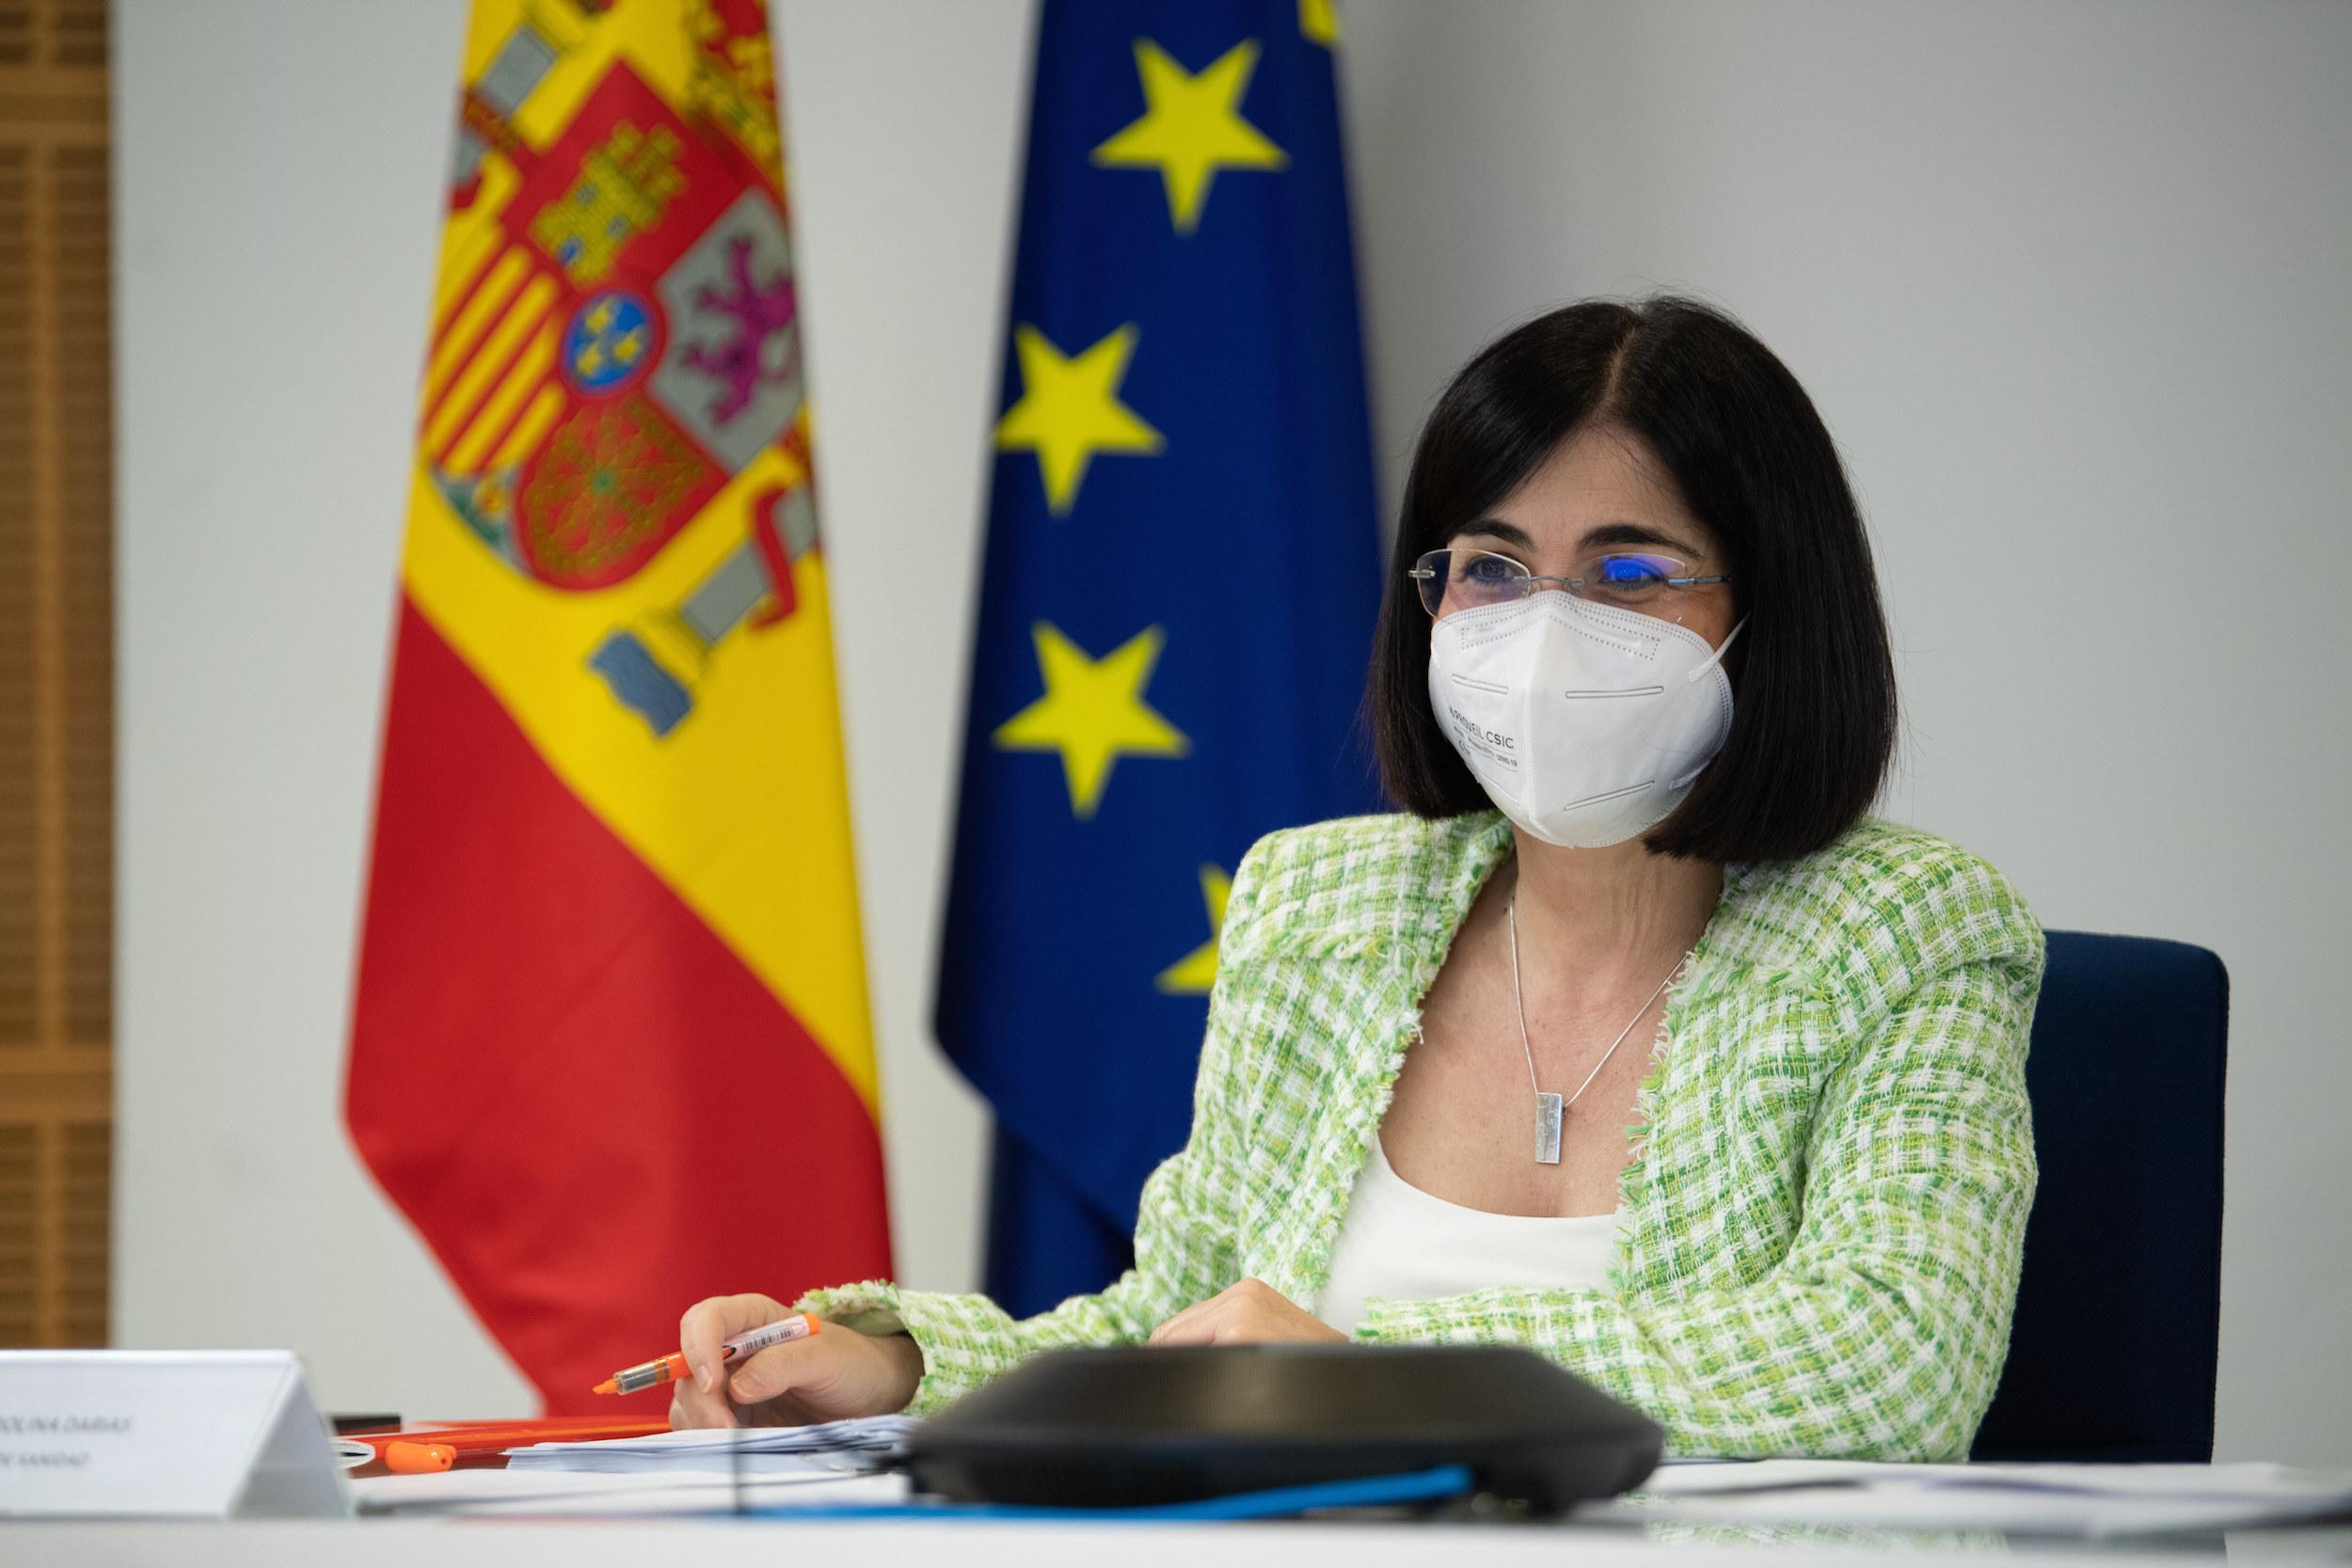 La ministra de Sanitat, Carolina Darias, durant el Consell Interterritorial de Salut del 5 de maig del 2021 a Madrid / ACN